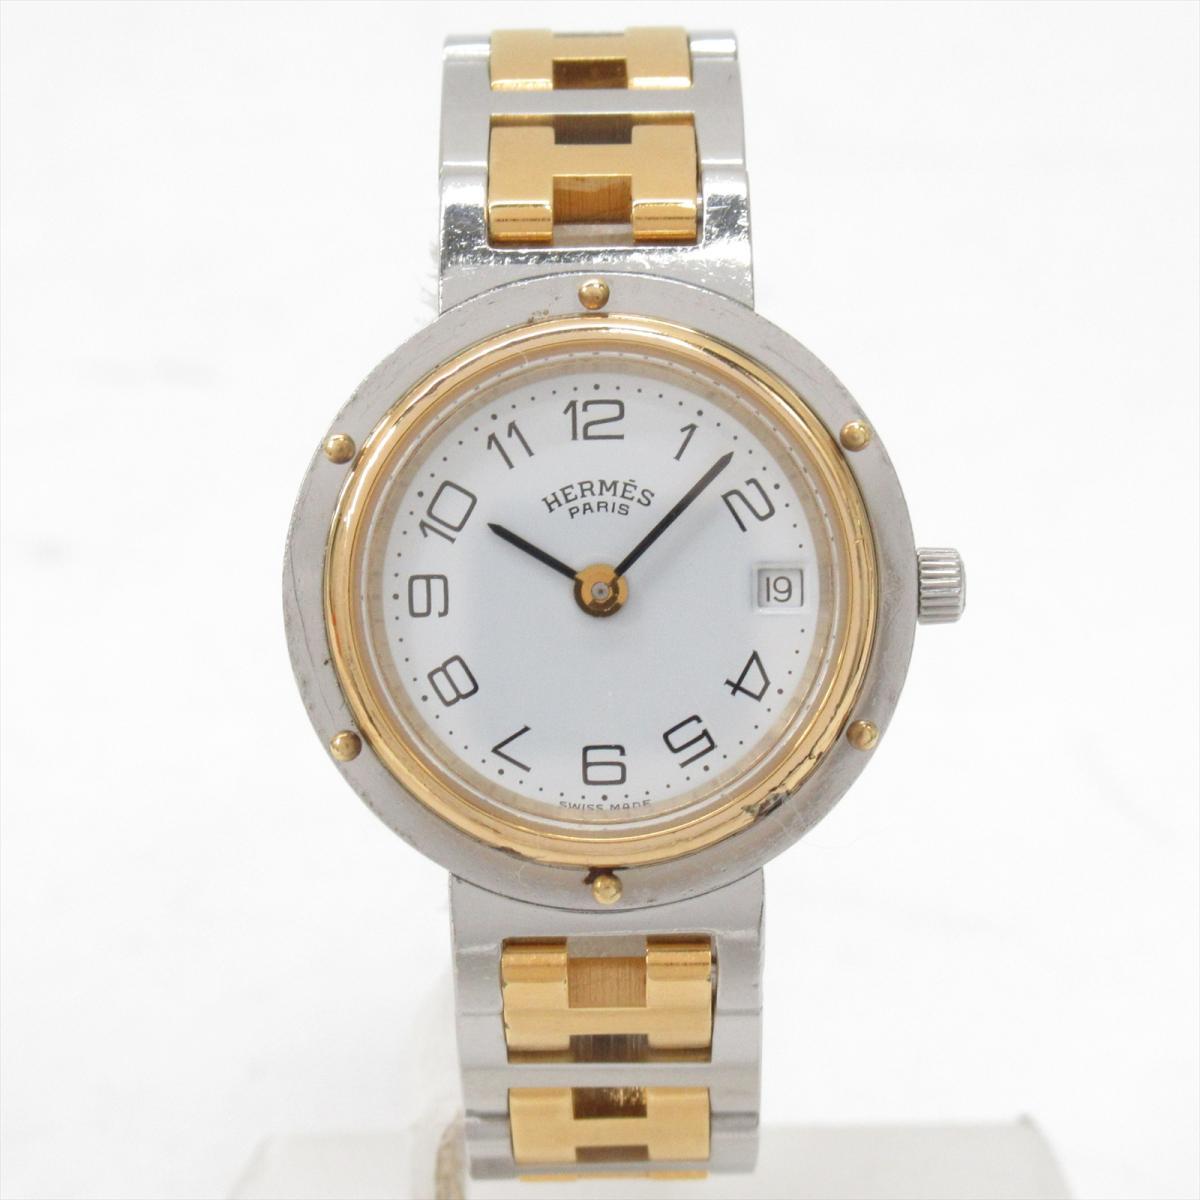 【中古】 エルメス クリッパー 腕時計 ウォッチ レディース GP | HERMES クオーツ 時計 クリッパー 美品 ブランドオフ